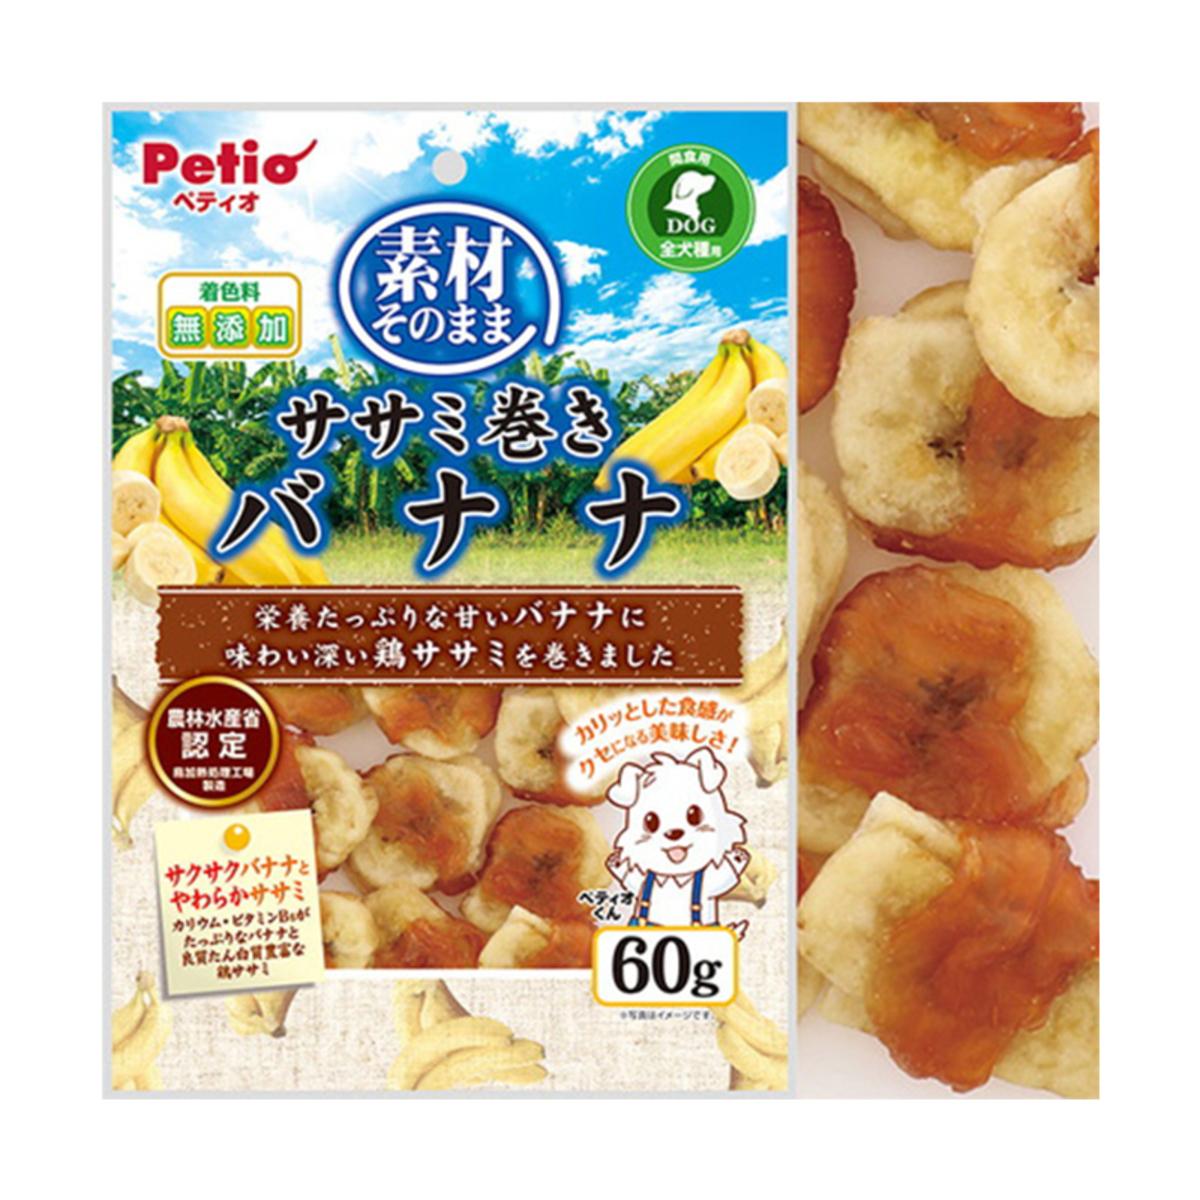 狗小食原汁原味 雞胸肉香蕉卷 60g #A86 (W13299)